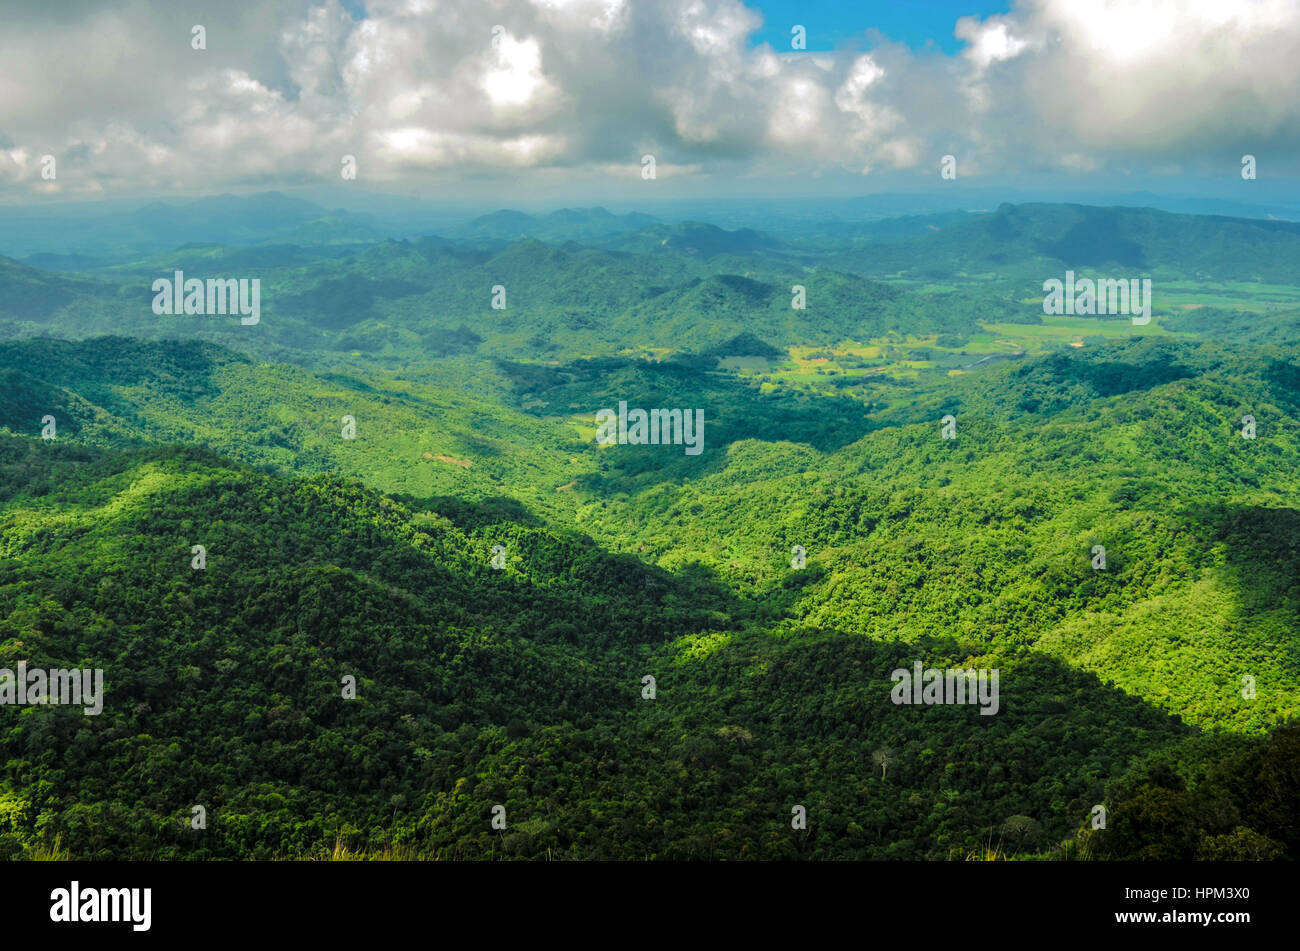 Pico de Loro Immagini Stock